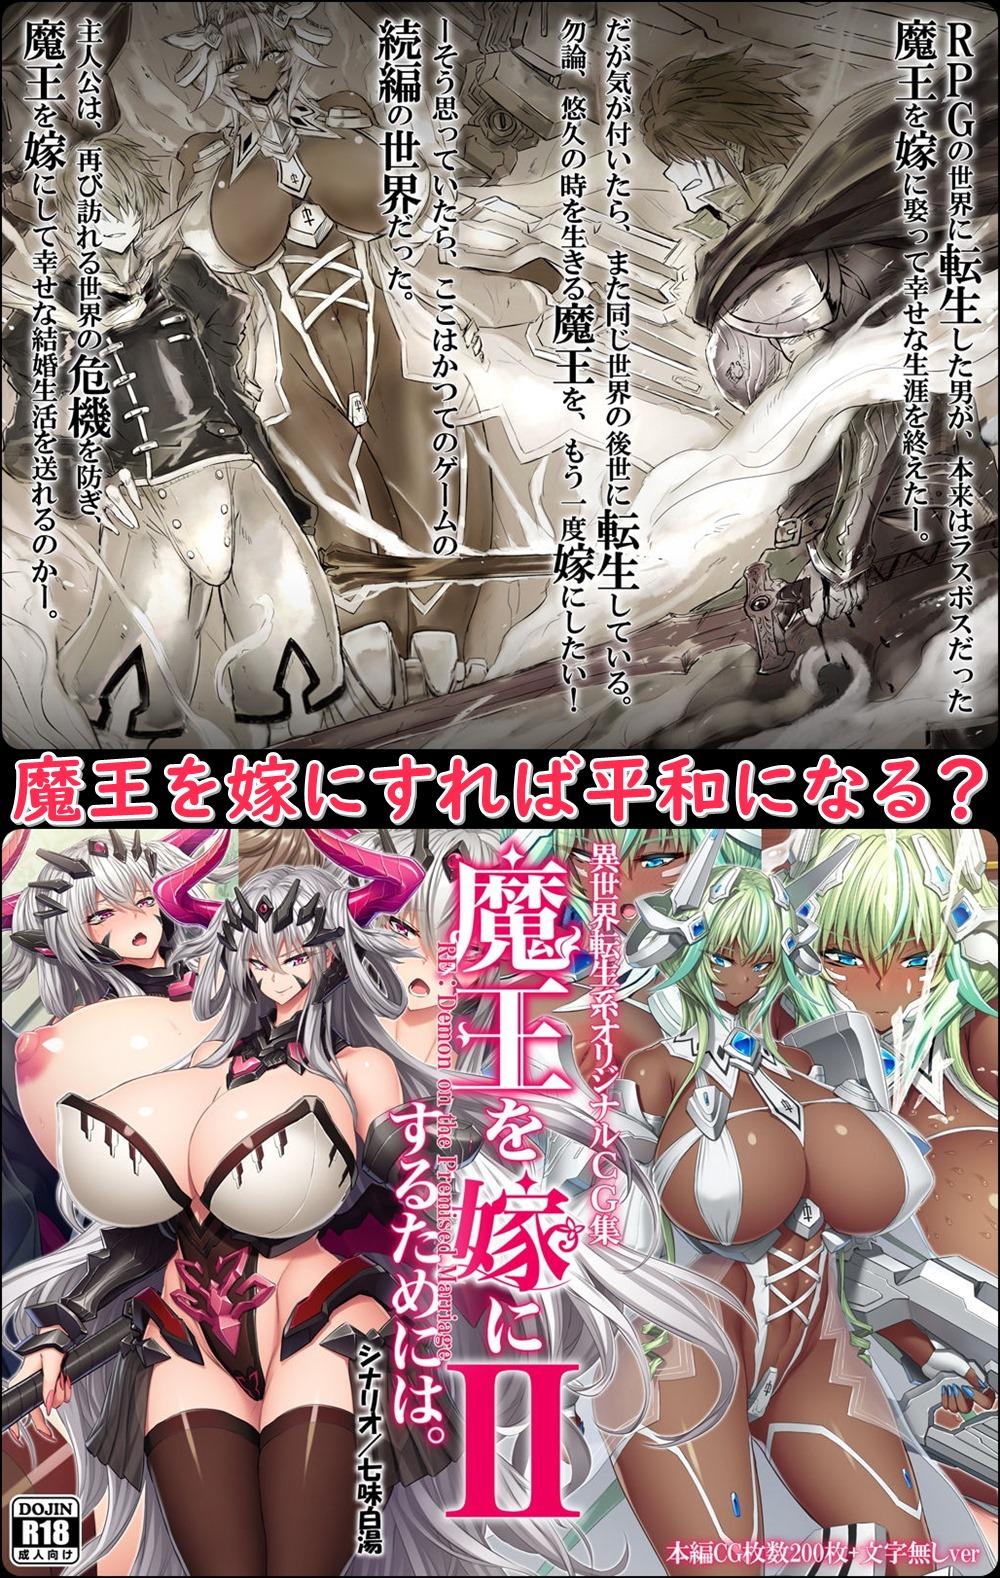 『魔王を嫁にするためには』 同人誌のサンプル画像です